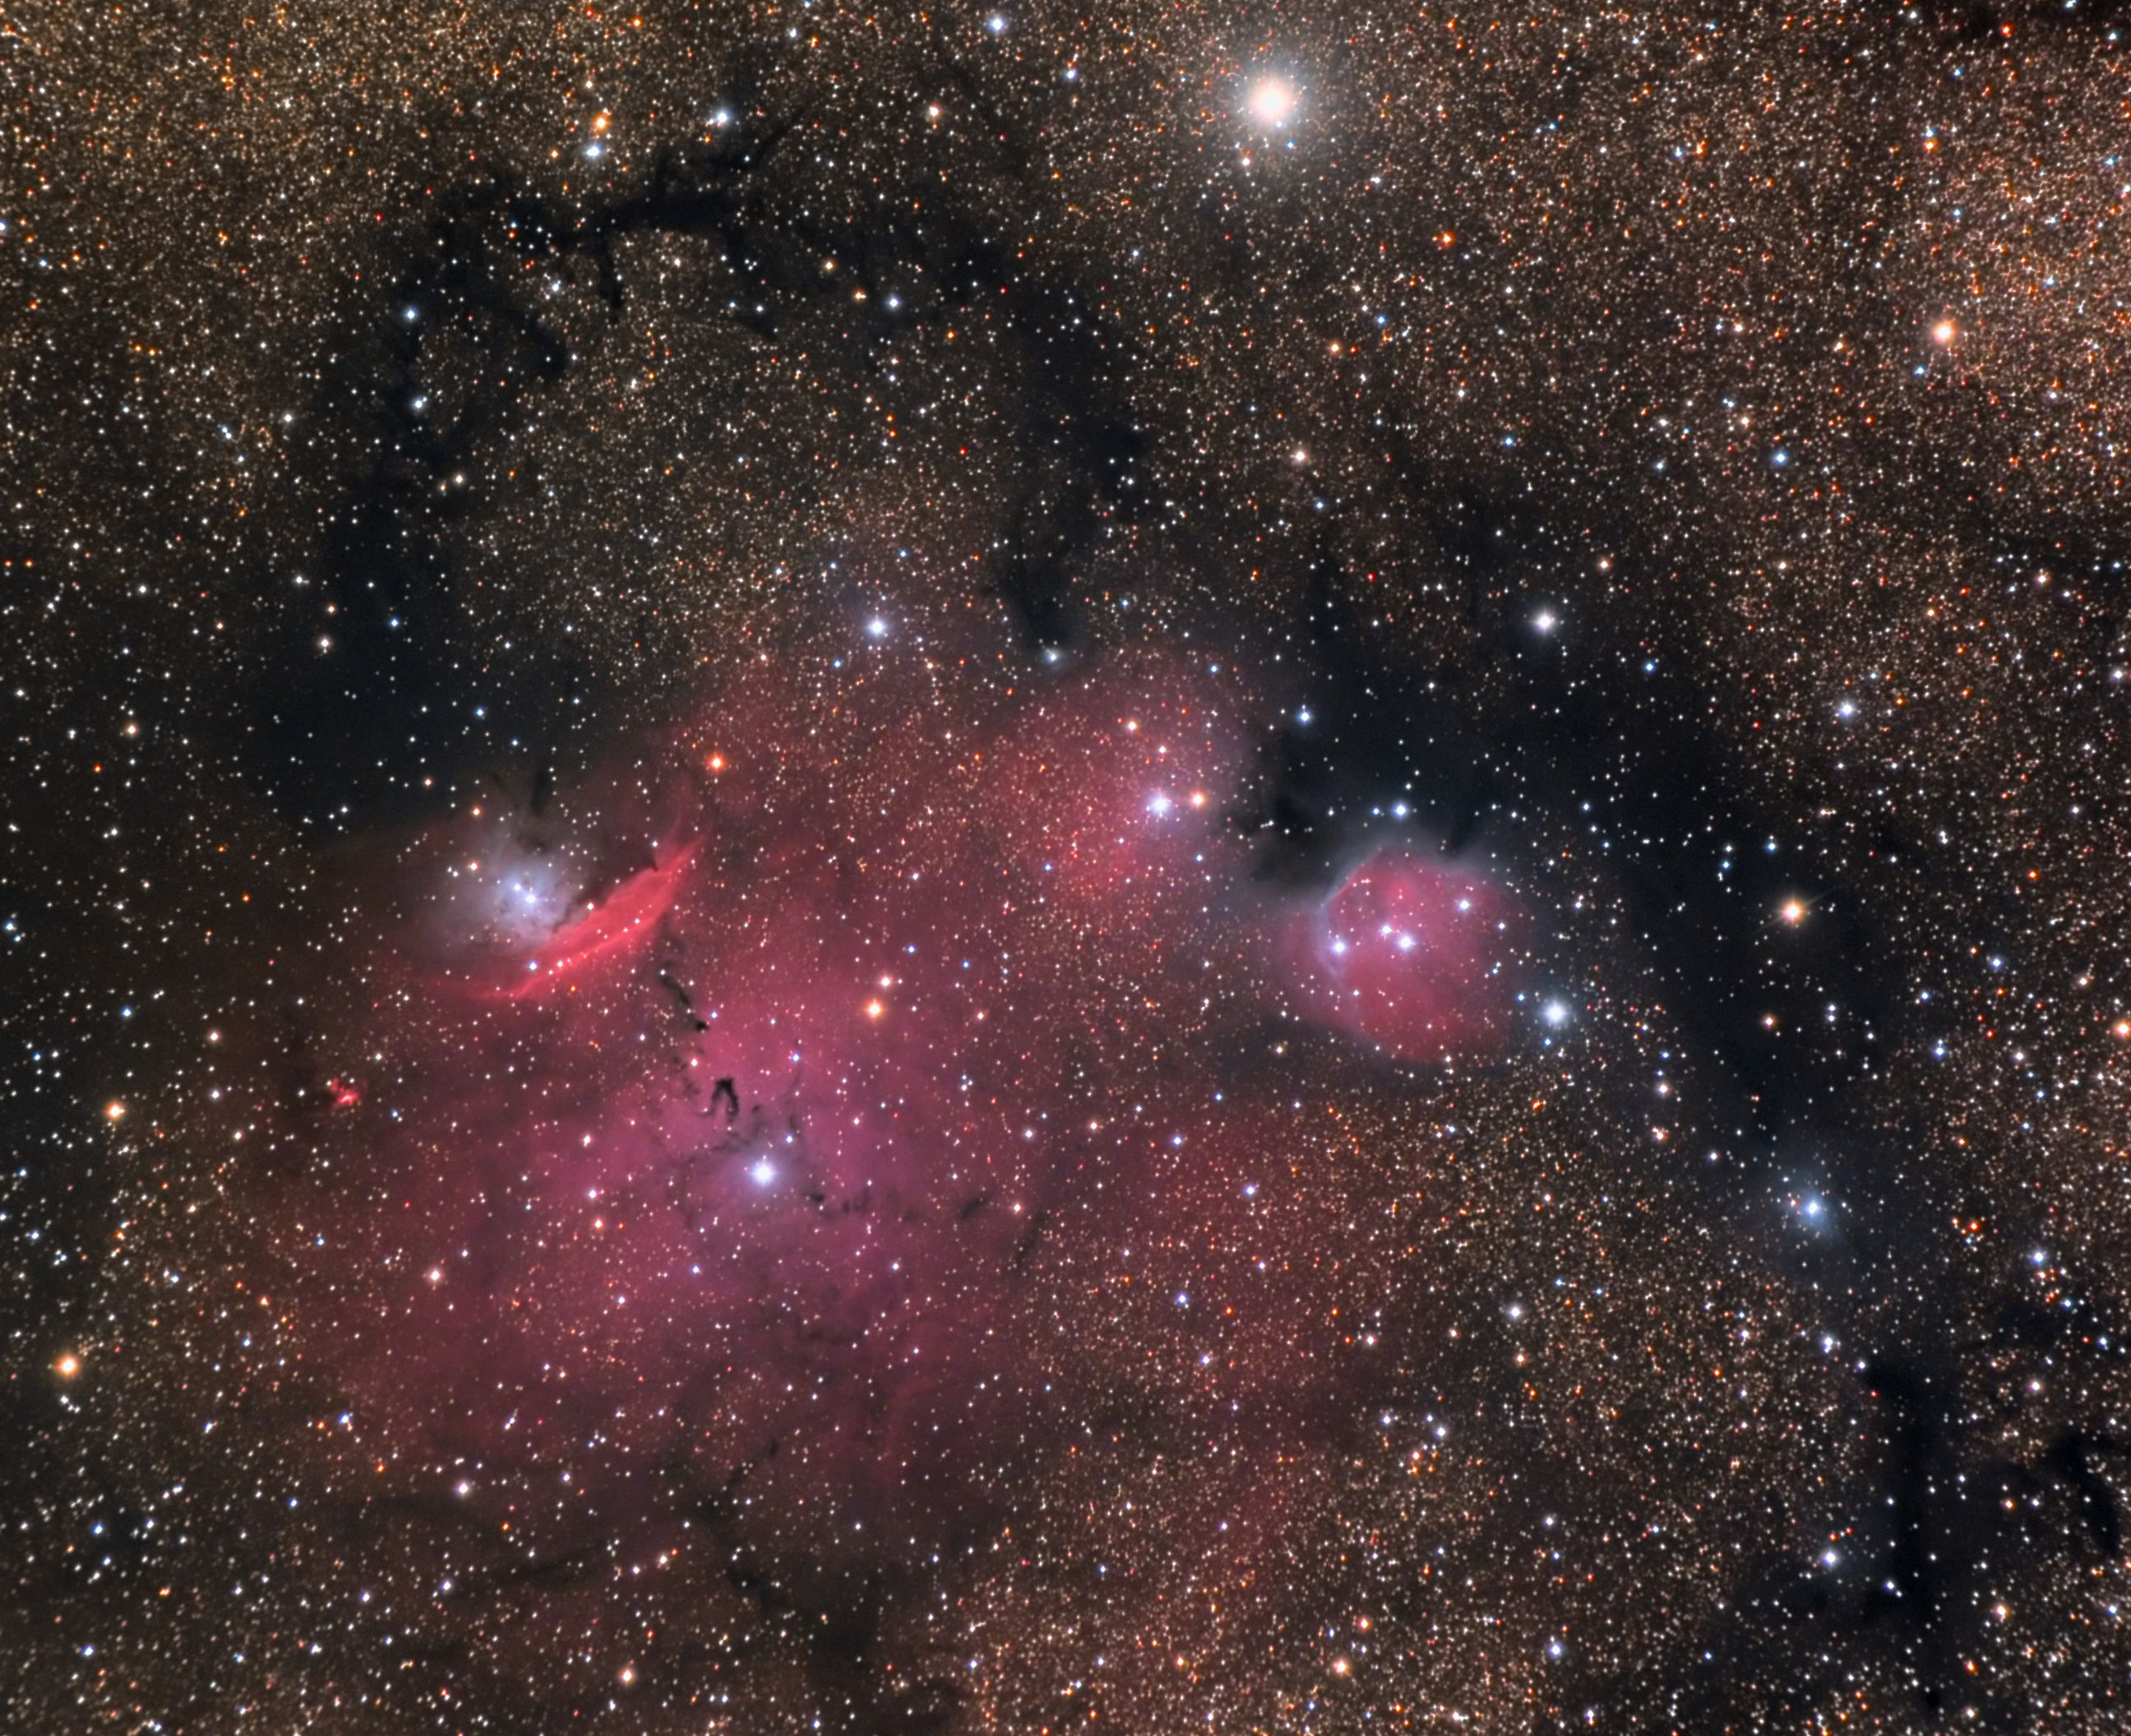 NGC 6559 and Surrounding Nebula in Sagittarius